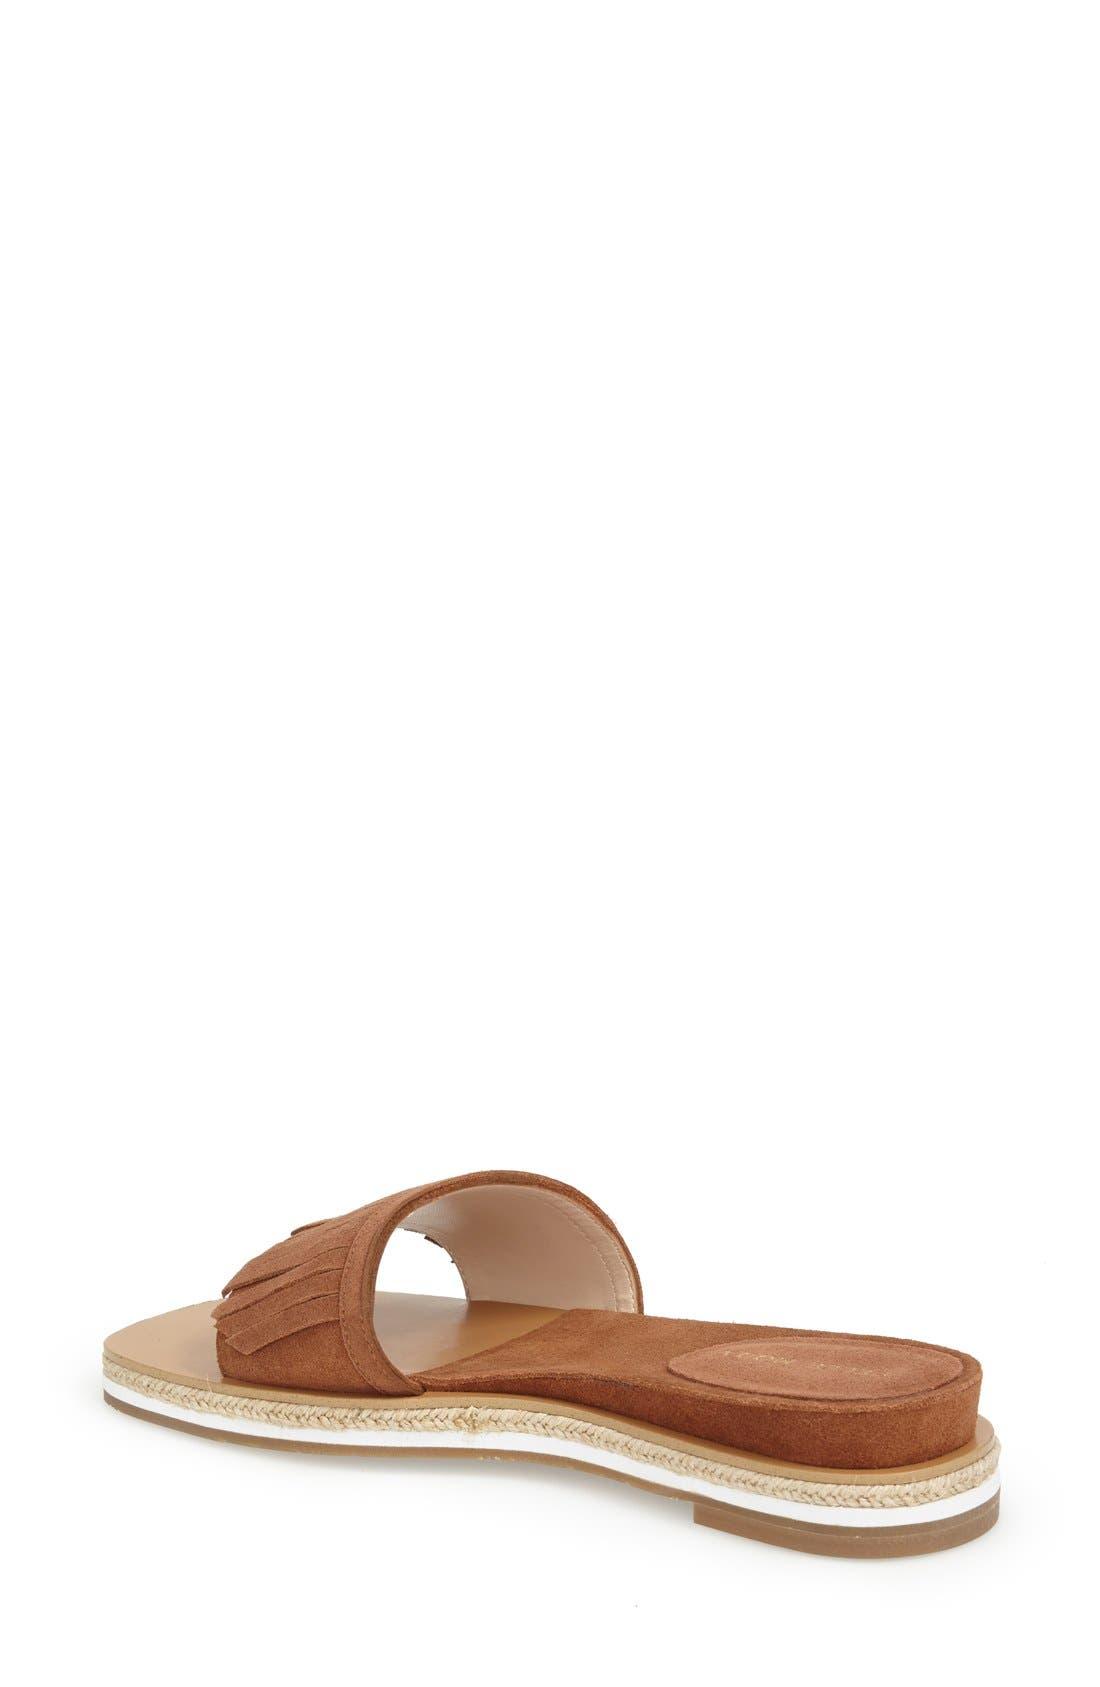 Alternate Image 2  - Pelle Moda 'Jade' Fringe Slide Sandal (Women)